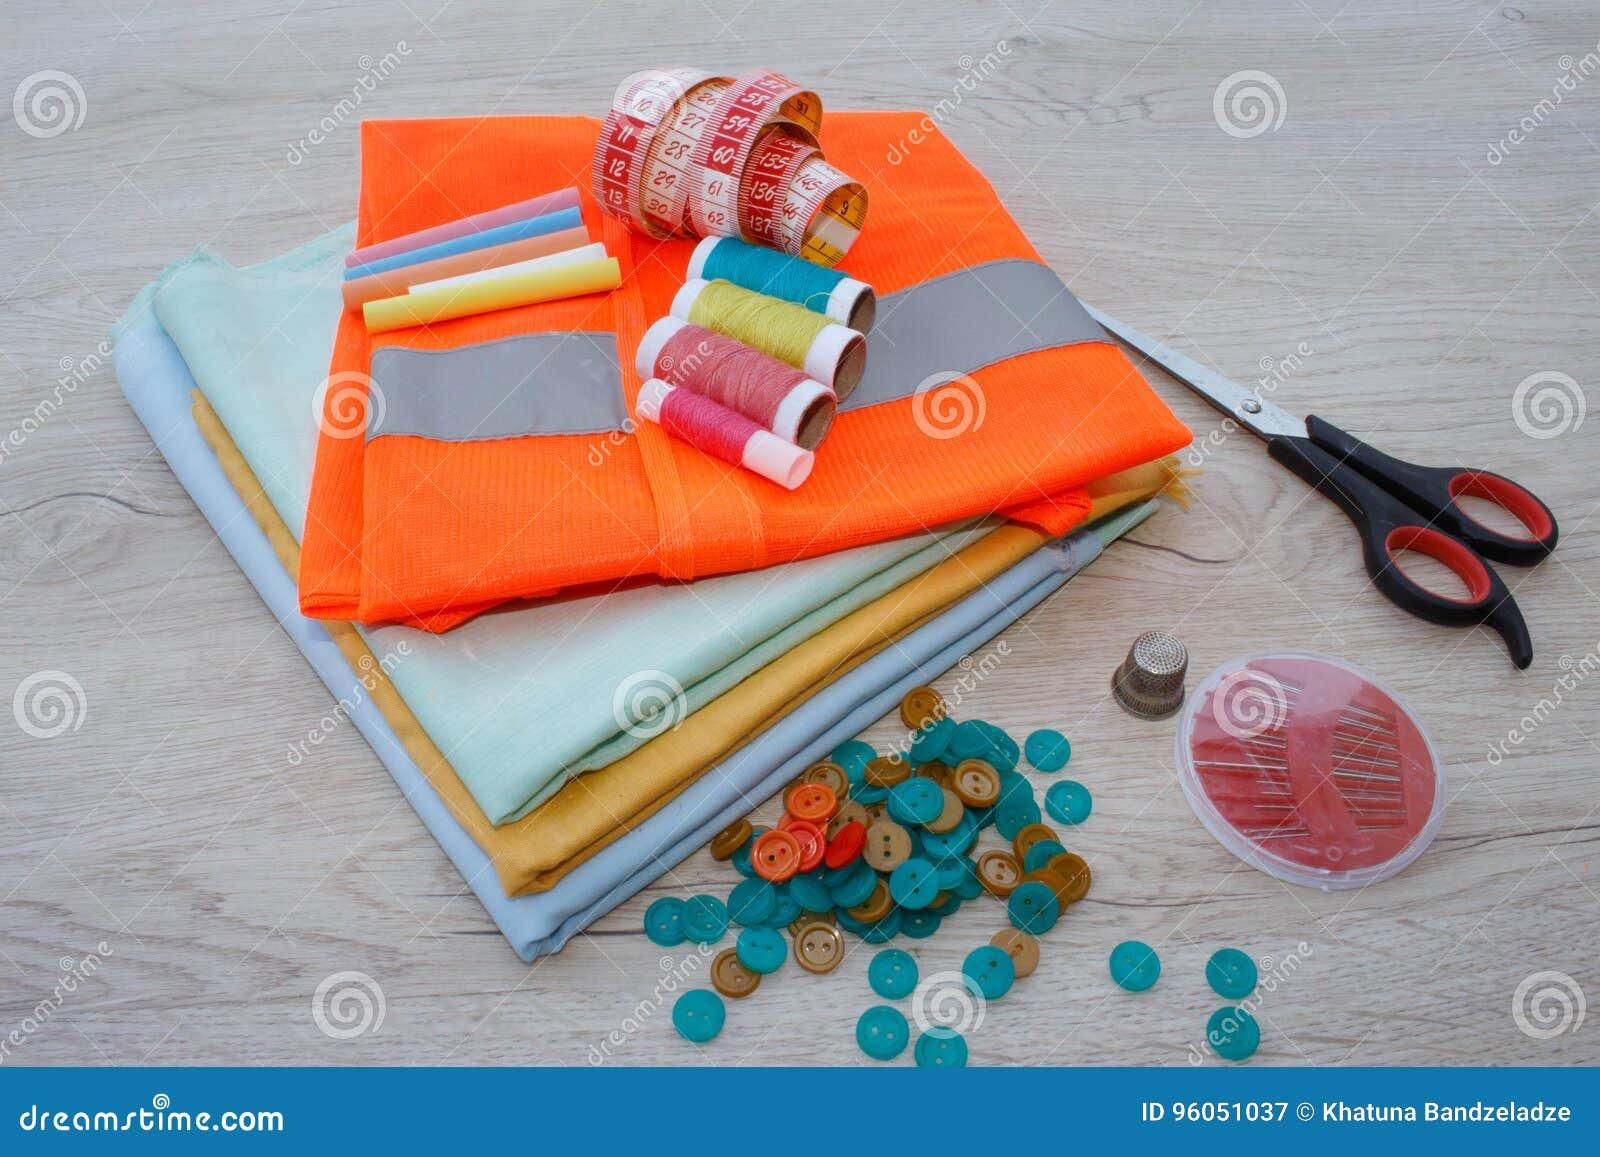 Matériel, mobilier et installations pour coudre dans l atelier de couture de concepteur outils pour coudre pour le passe-temps